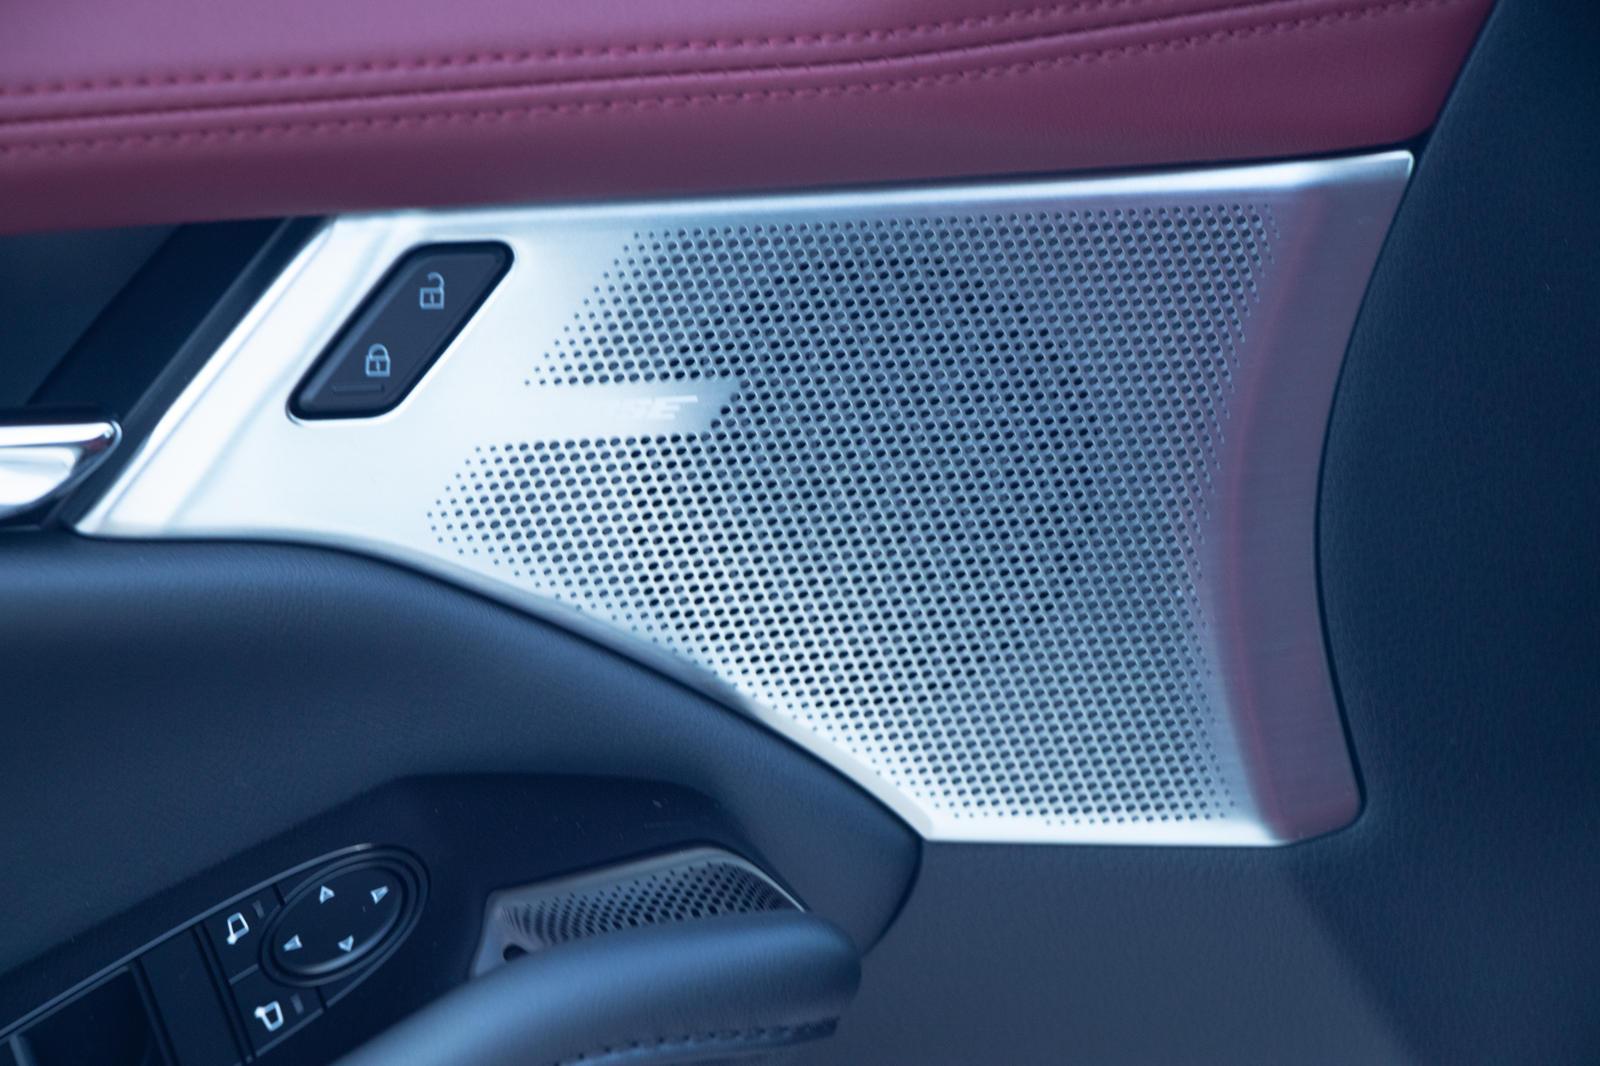 Mazda3 2.5 Turbo не обязательно ориентирована на характеристики на треке, но с полным приводом, турбонаддувом и шестиступенчатой автоматической коробкой передач она явно настроена на скорость.